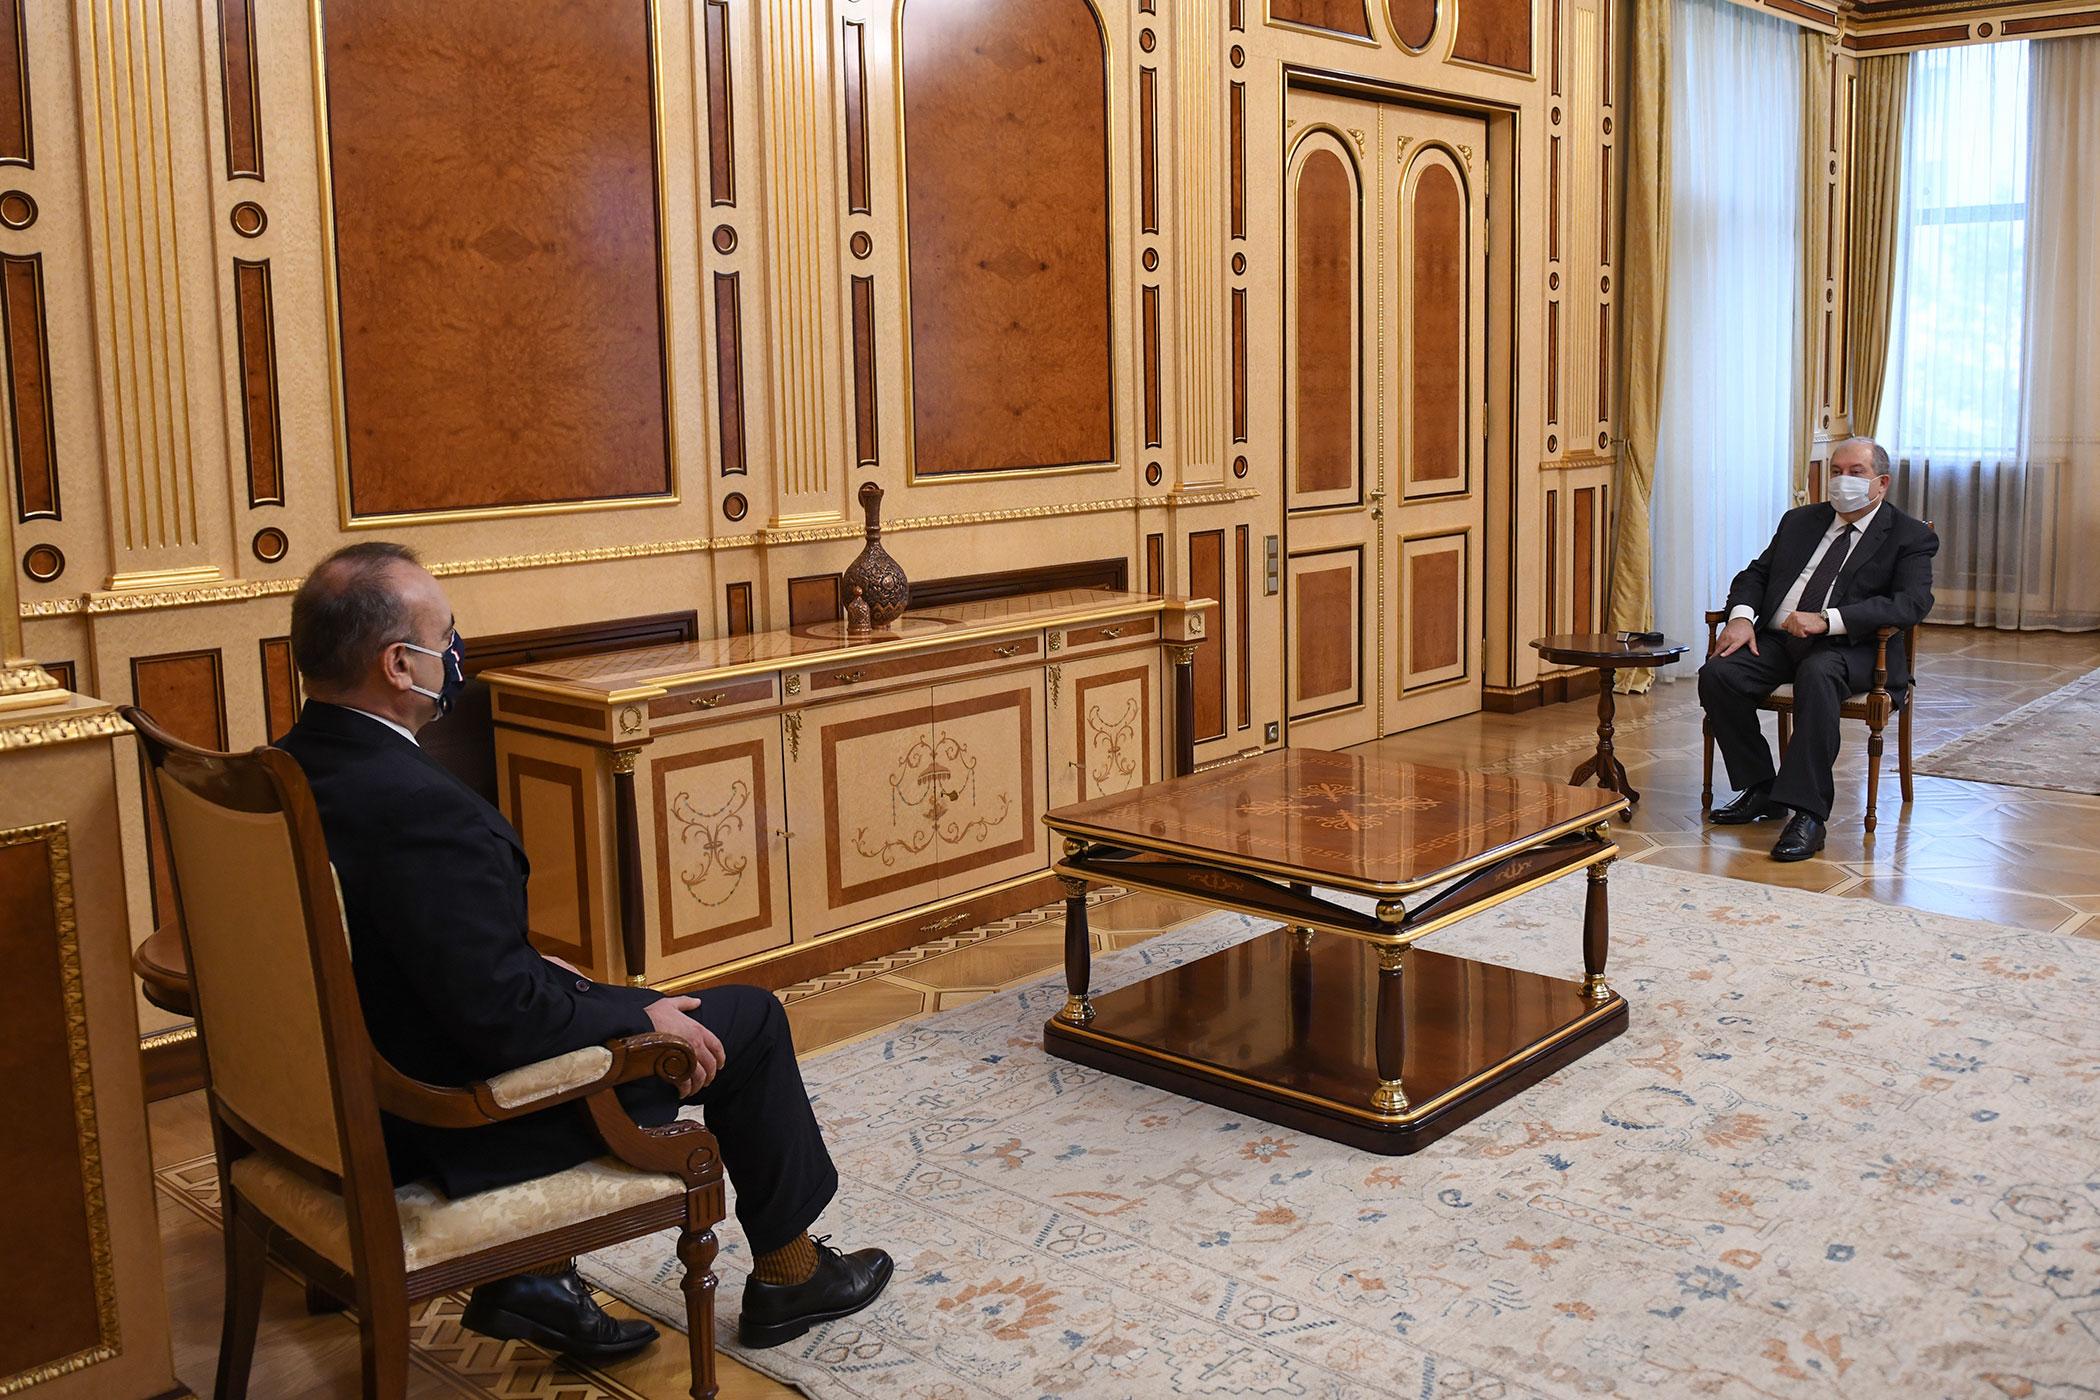 Photo of Նախագահ Արմեն Սարգսյանը հրաժեշտի հանդիպում է ունեցել Հայաստանում Իտալիայի դեսպան Վինչենցո Դել Մոնակոյի հետ